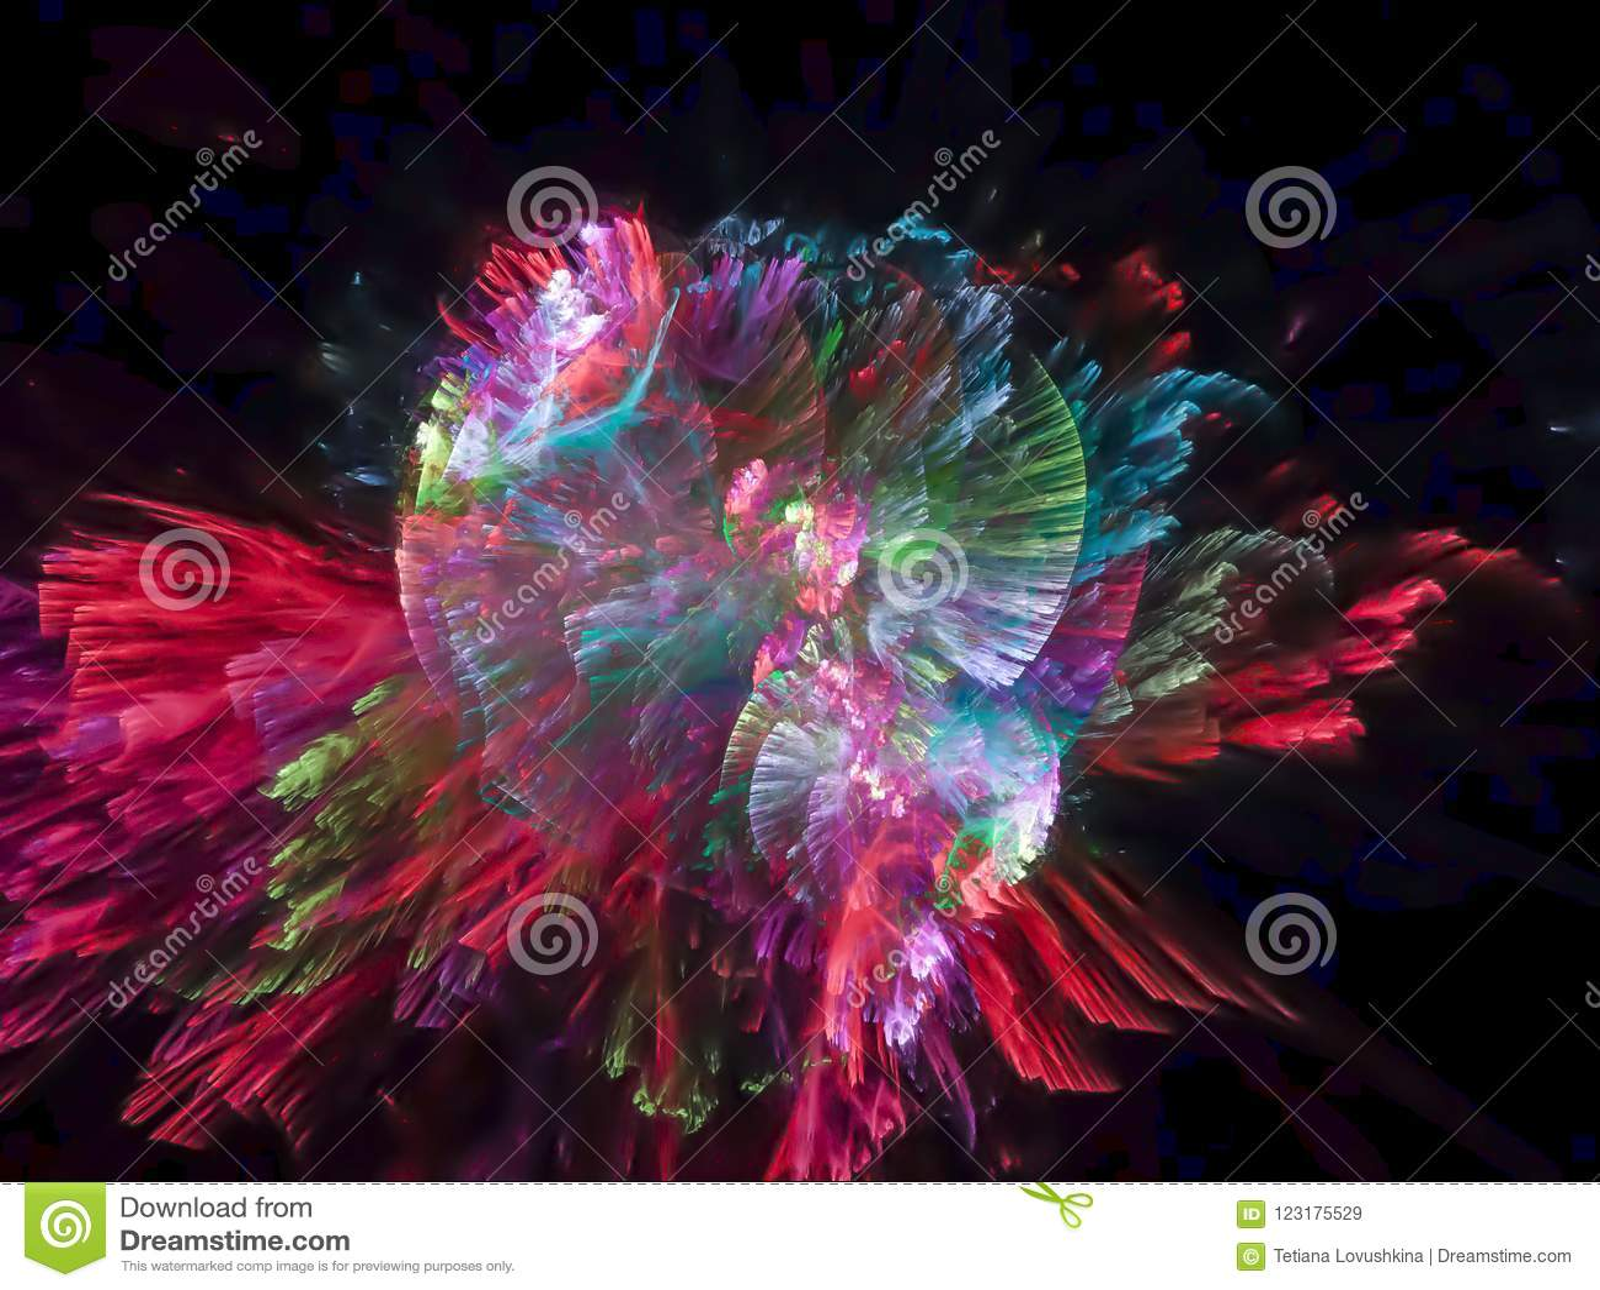 Картина фрактали абстрактной живой цифровой текстуры кибернетического дизайна частицы фантазии взрыва футуристическая